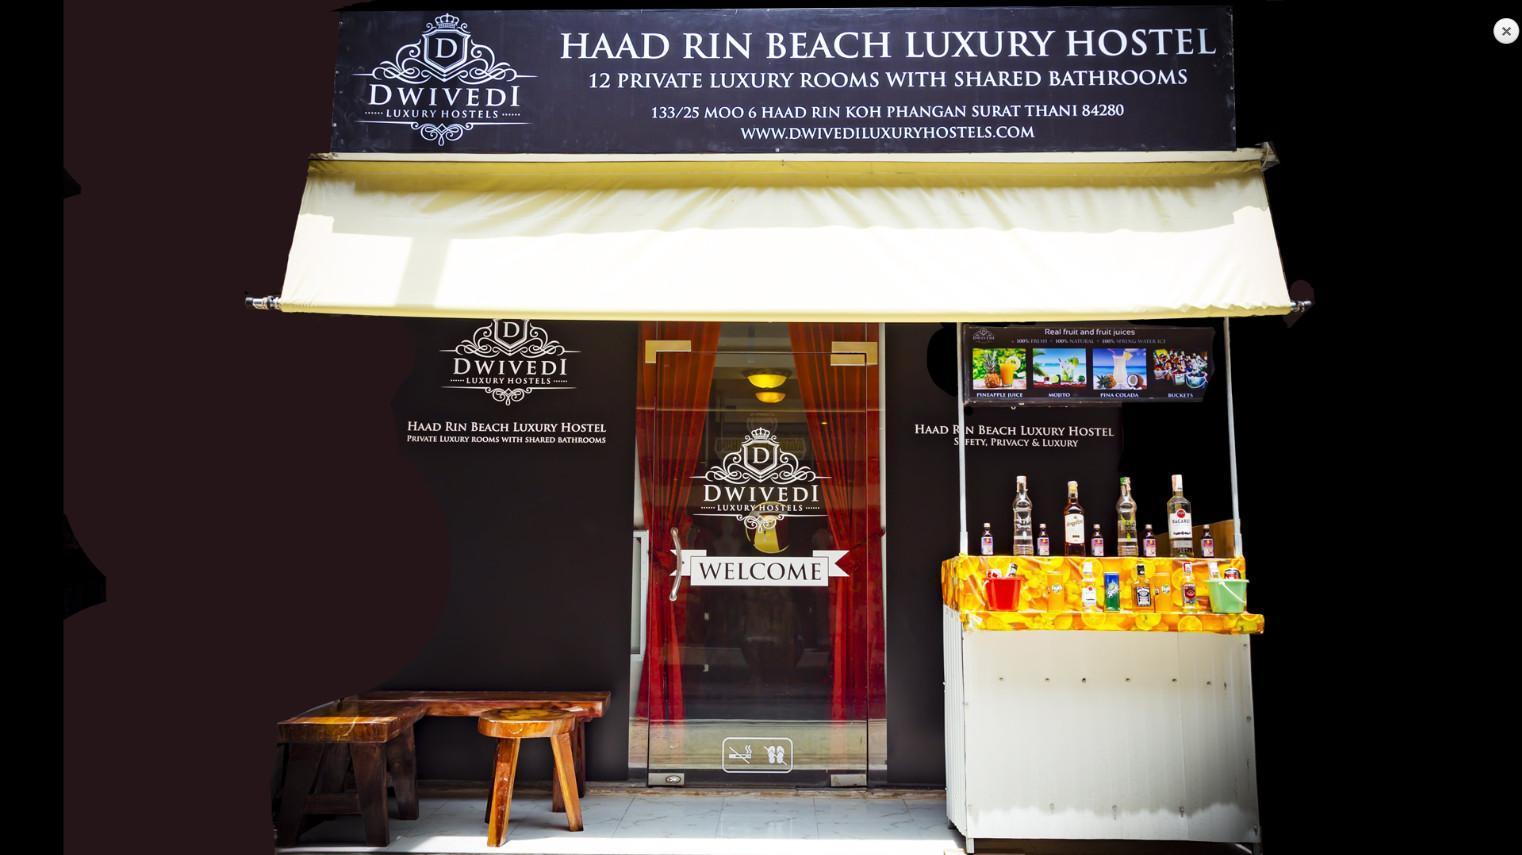 Haad Rin Beach Luxury Hostel